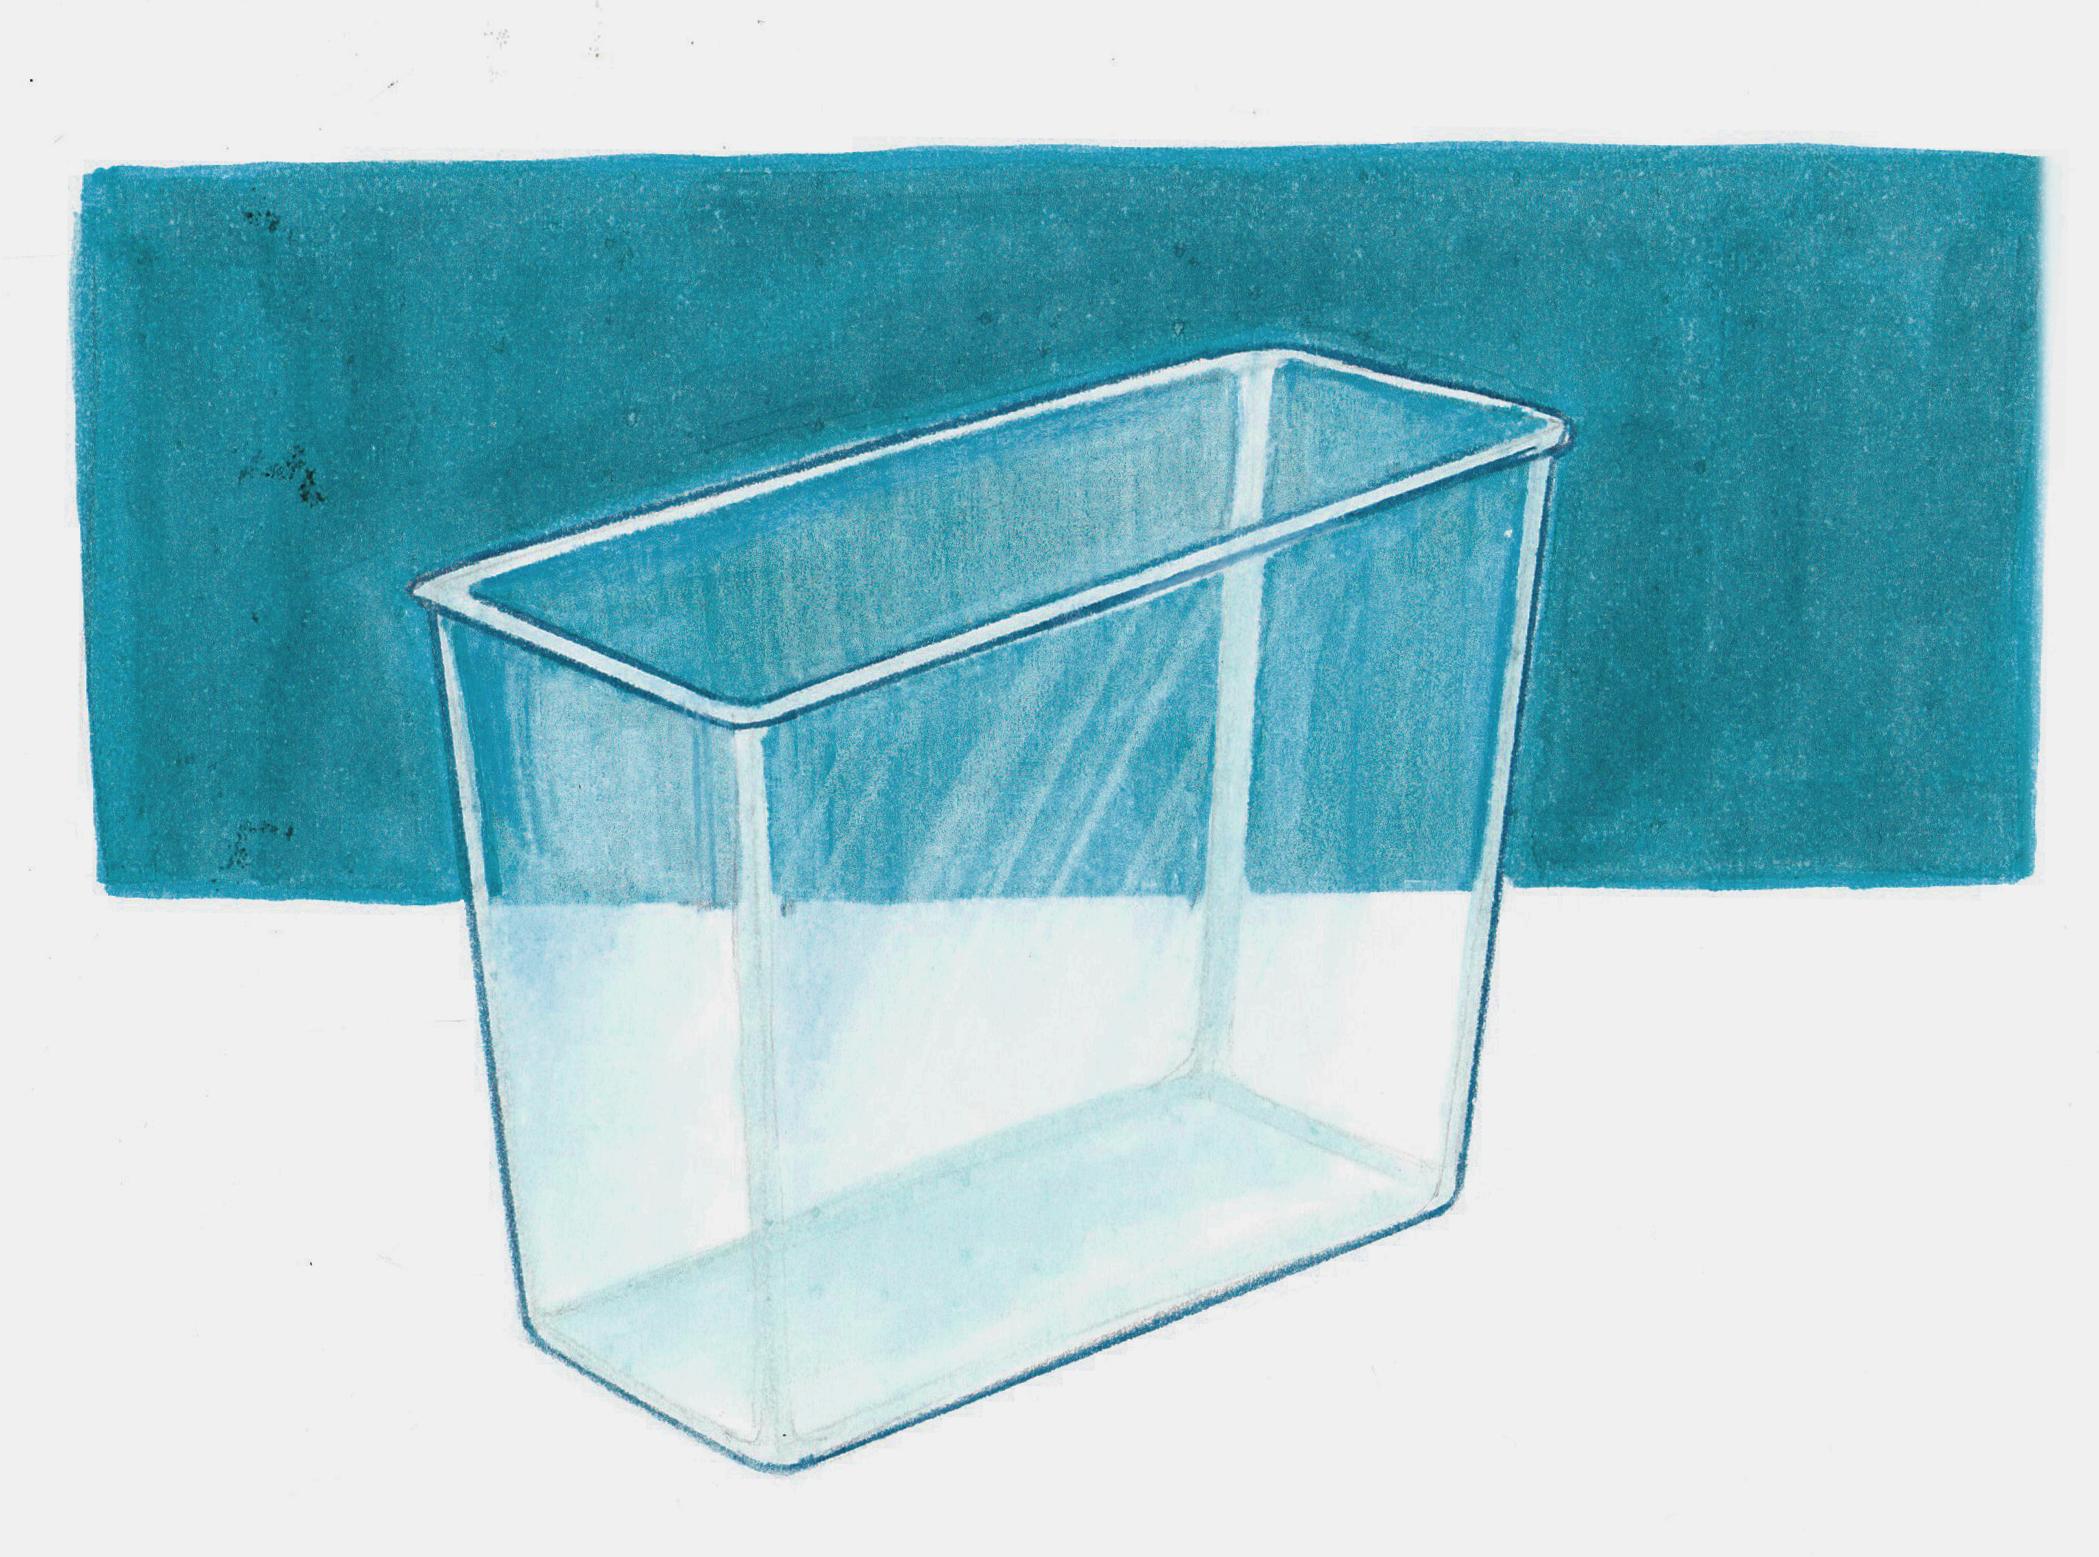 Transparent practice